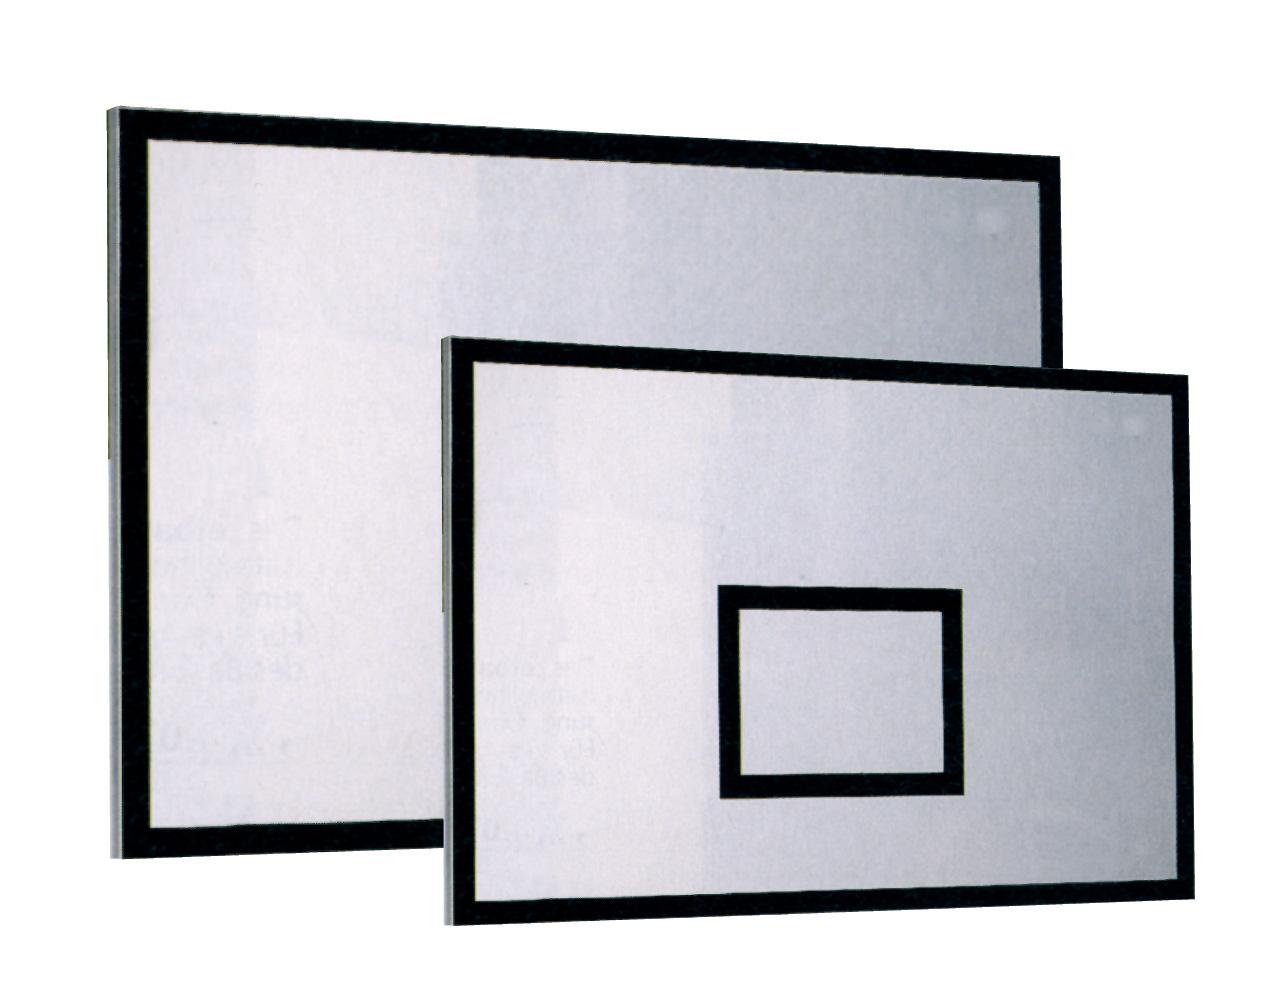 bc0900-52(4).jpg